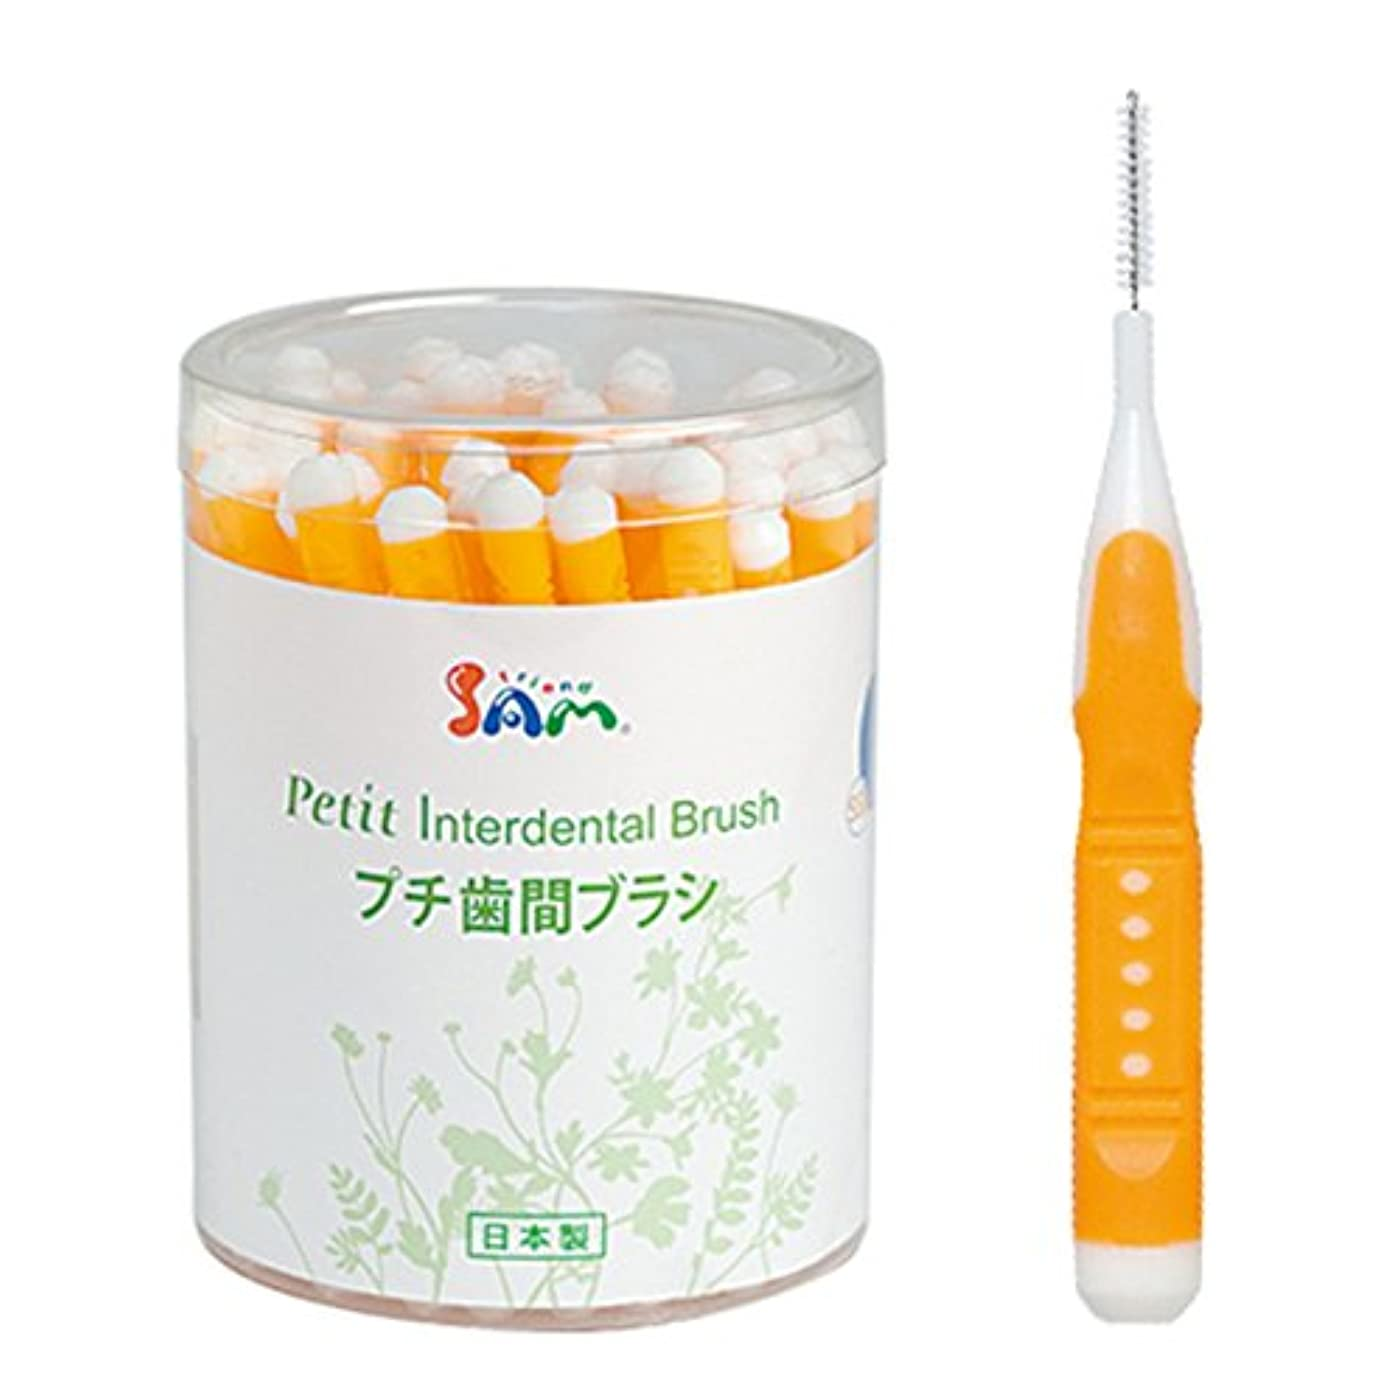 摂氏度ペット実験をするサムフレンド プチ歯間ブラシ I型 50本入 (SSS(オレンジ))